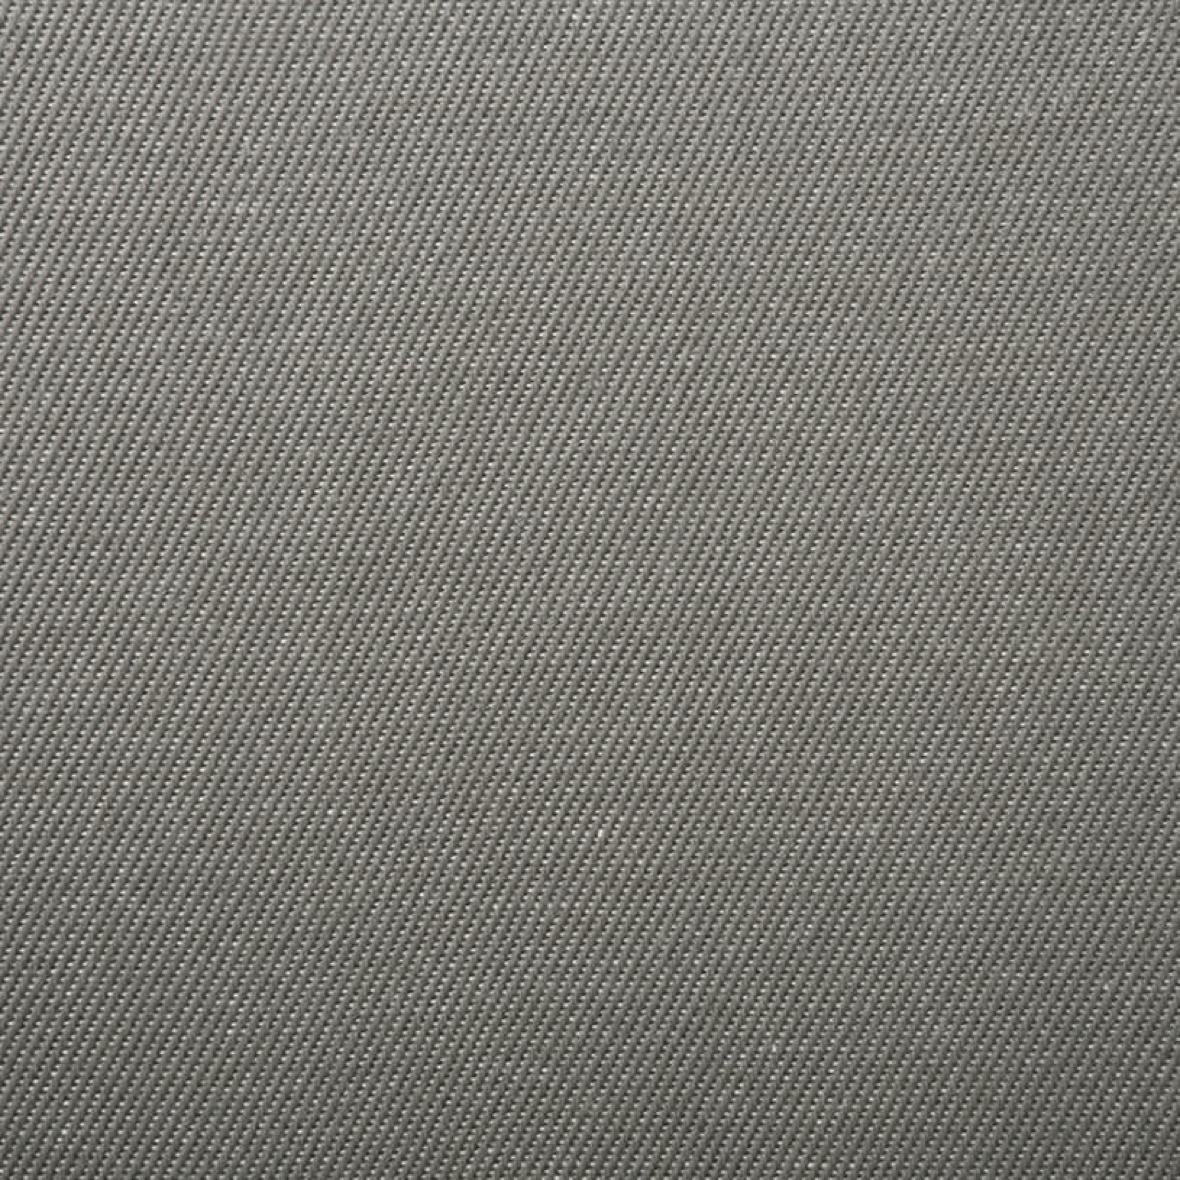 G-1043 ドレープKA 1.5 M 200*260 形態安定加工1.5倍ヒダ オーダーカーテン0